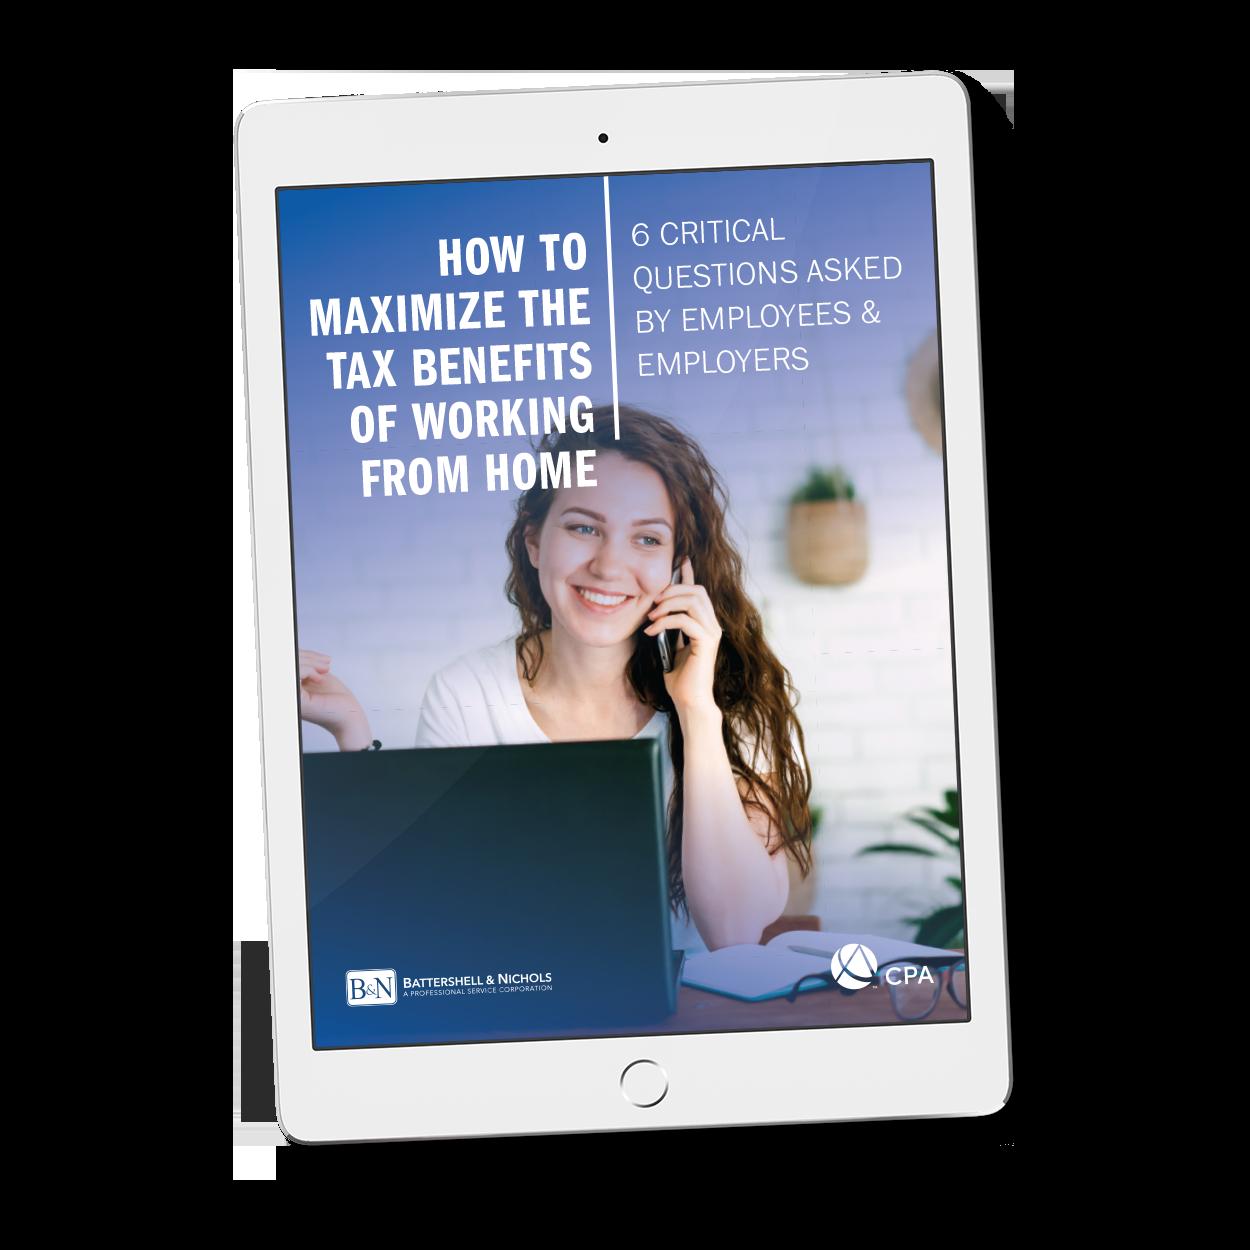 B&N PDF iPad Mockup